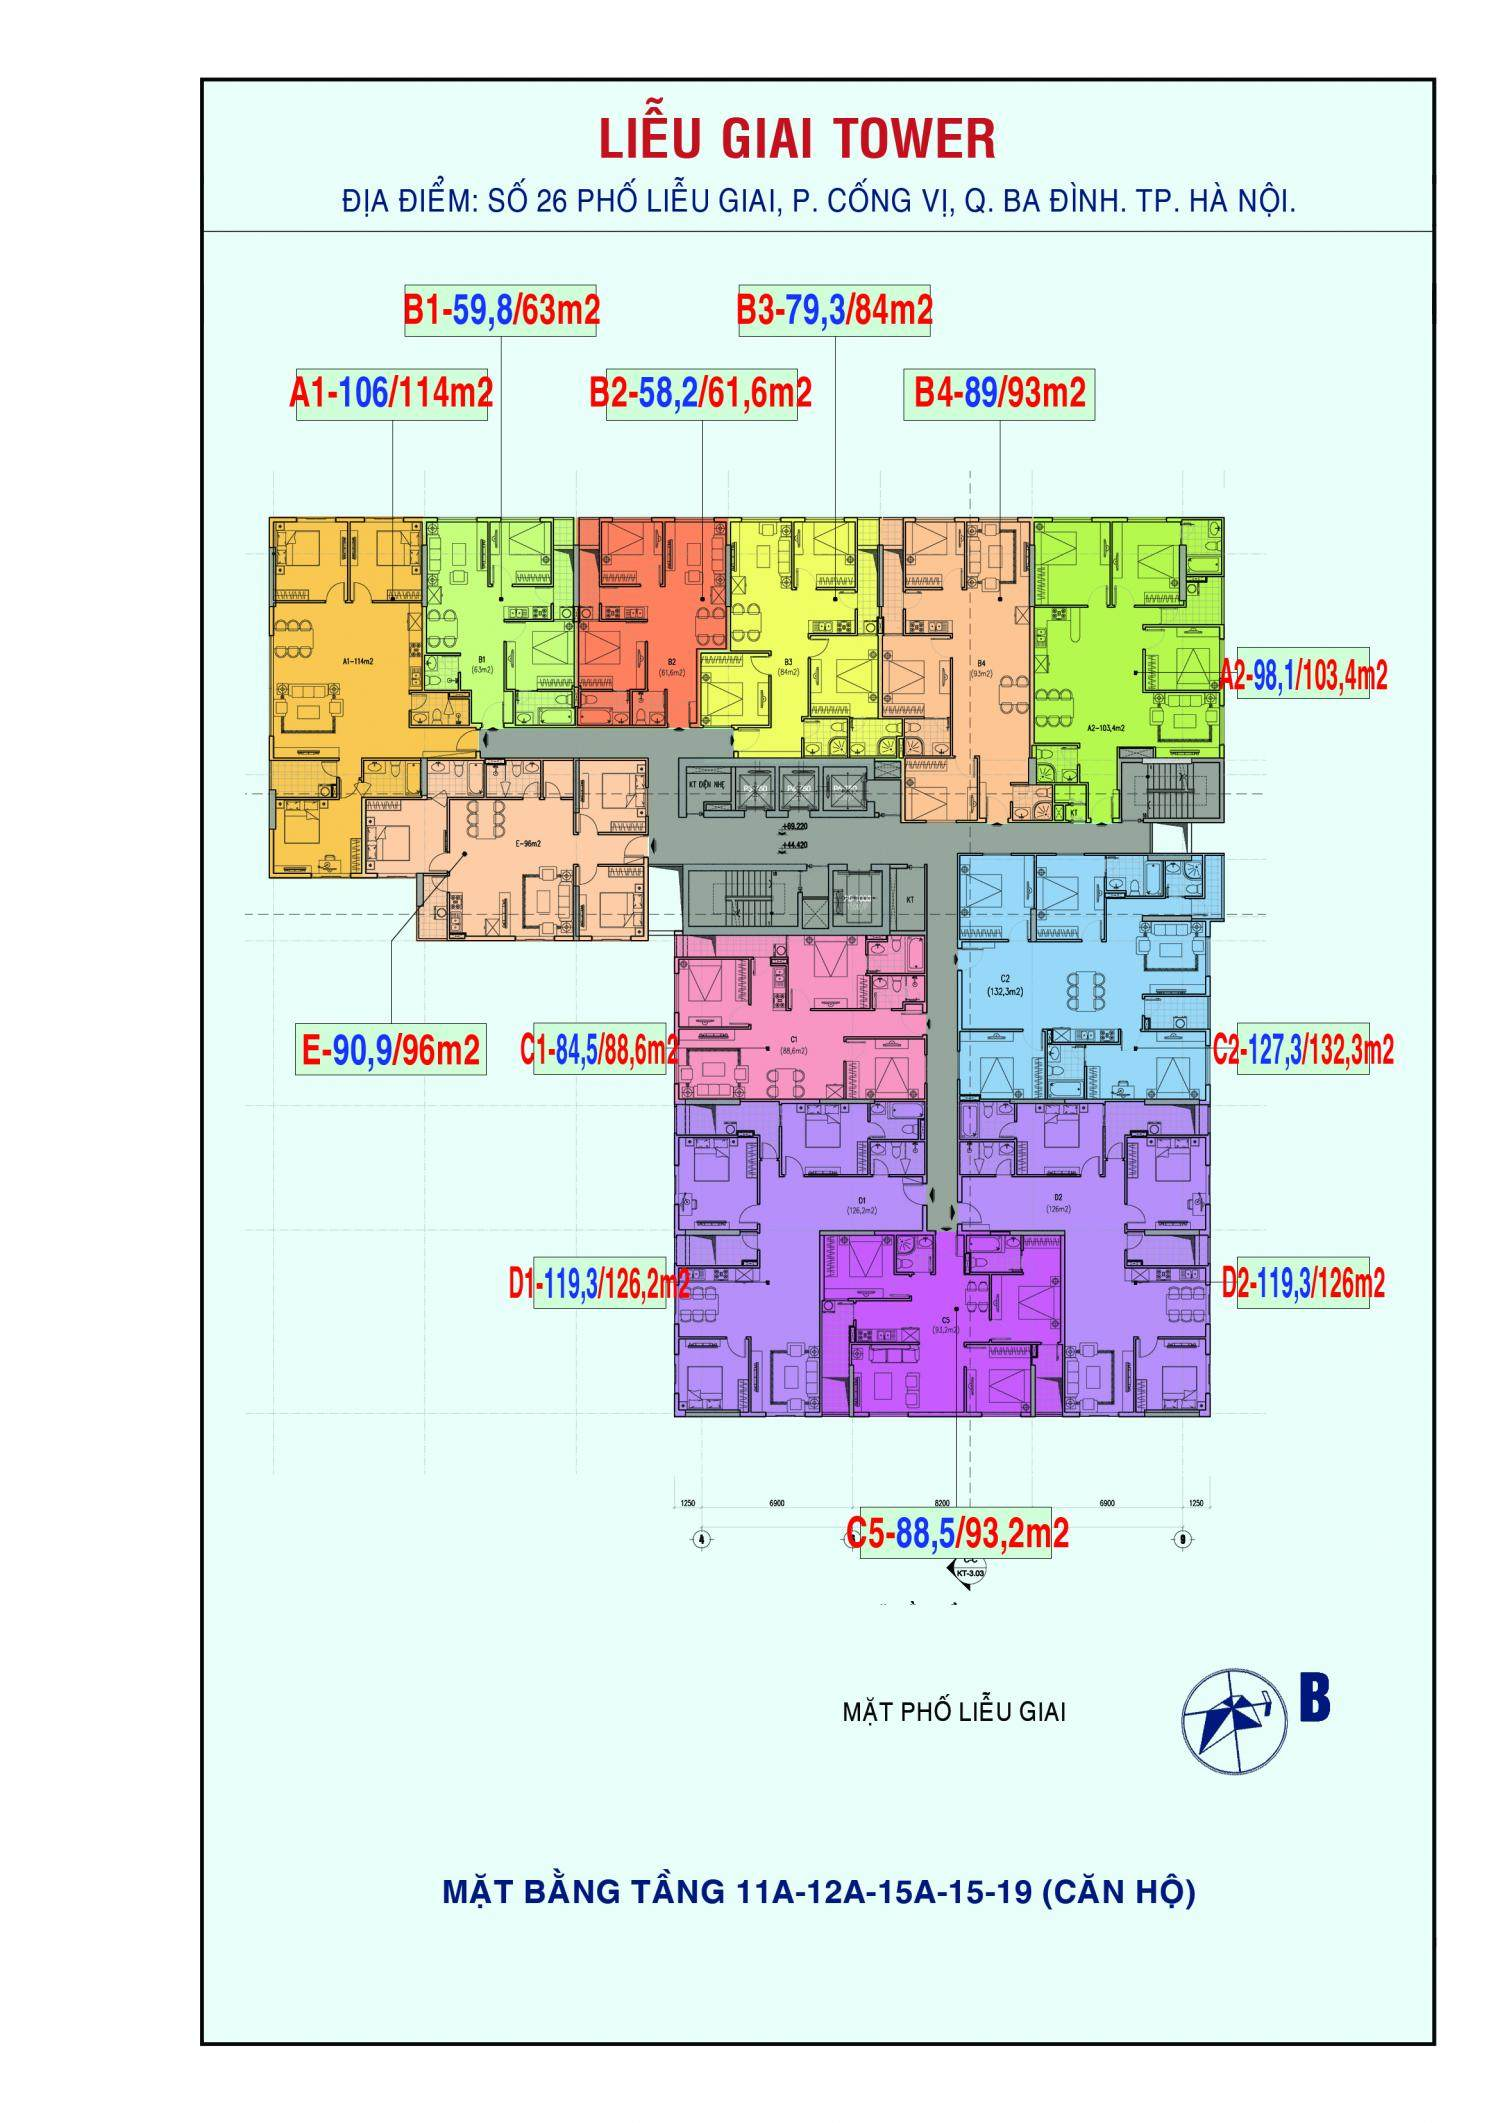 Tang11A-12A-15A-15-19